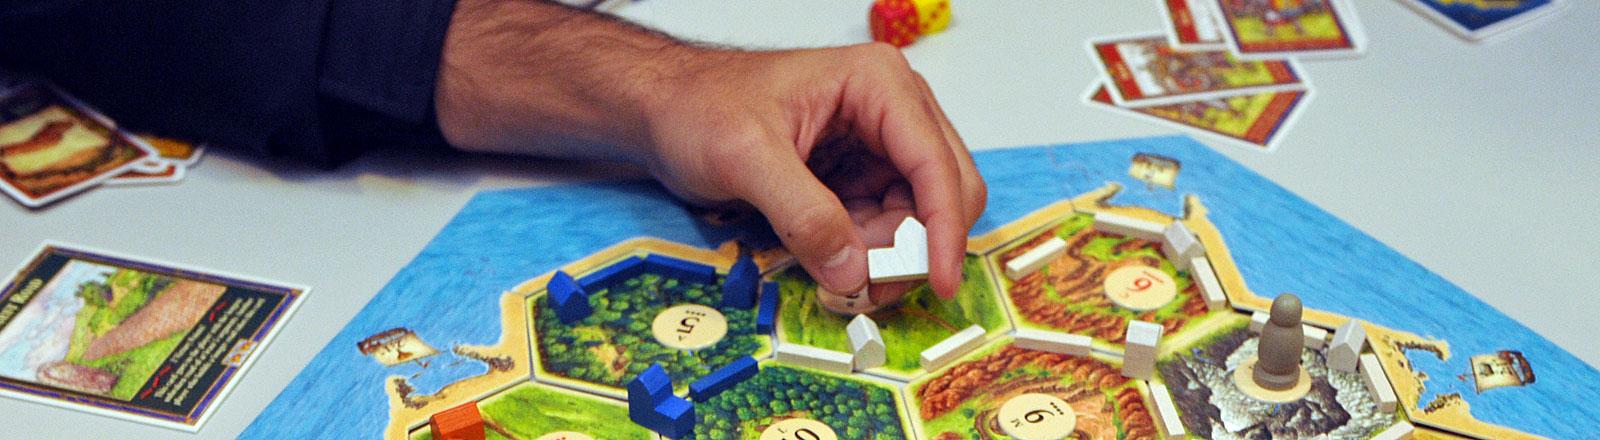 """Eine Hand setzt im Brettspiel """"Die Siedler von Catan"""" einen Spielstein."""